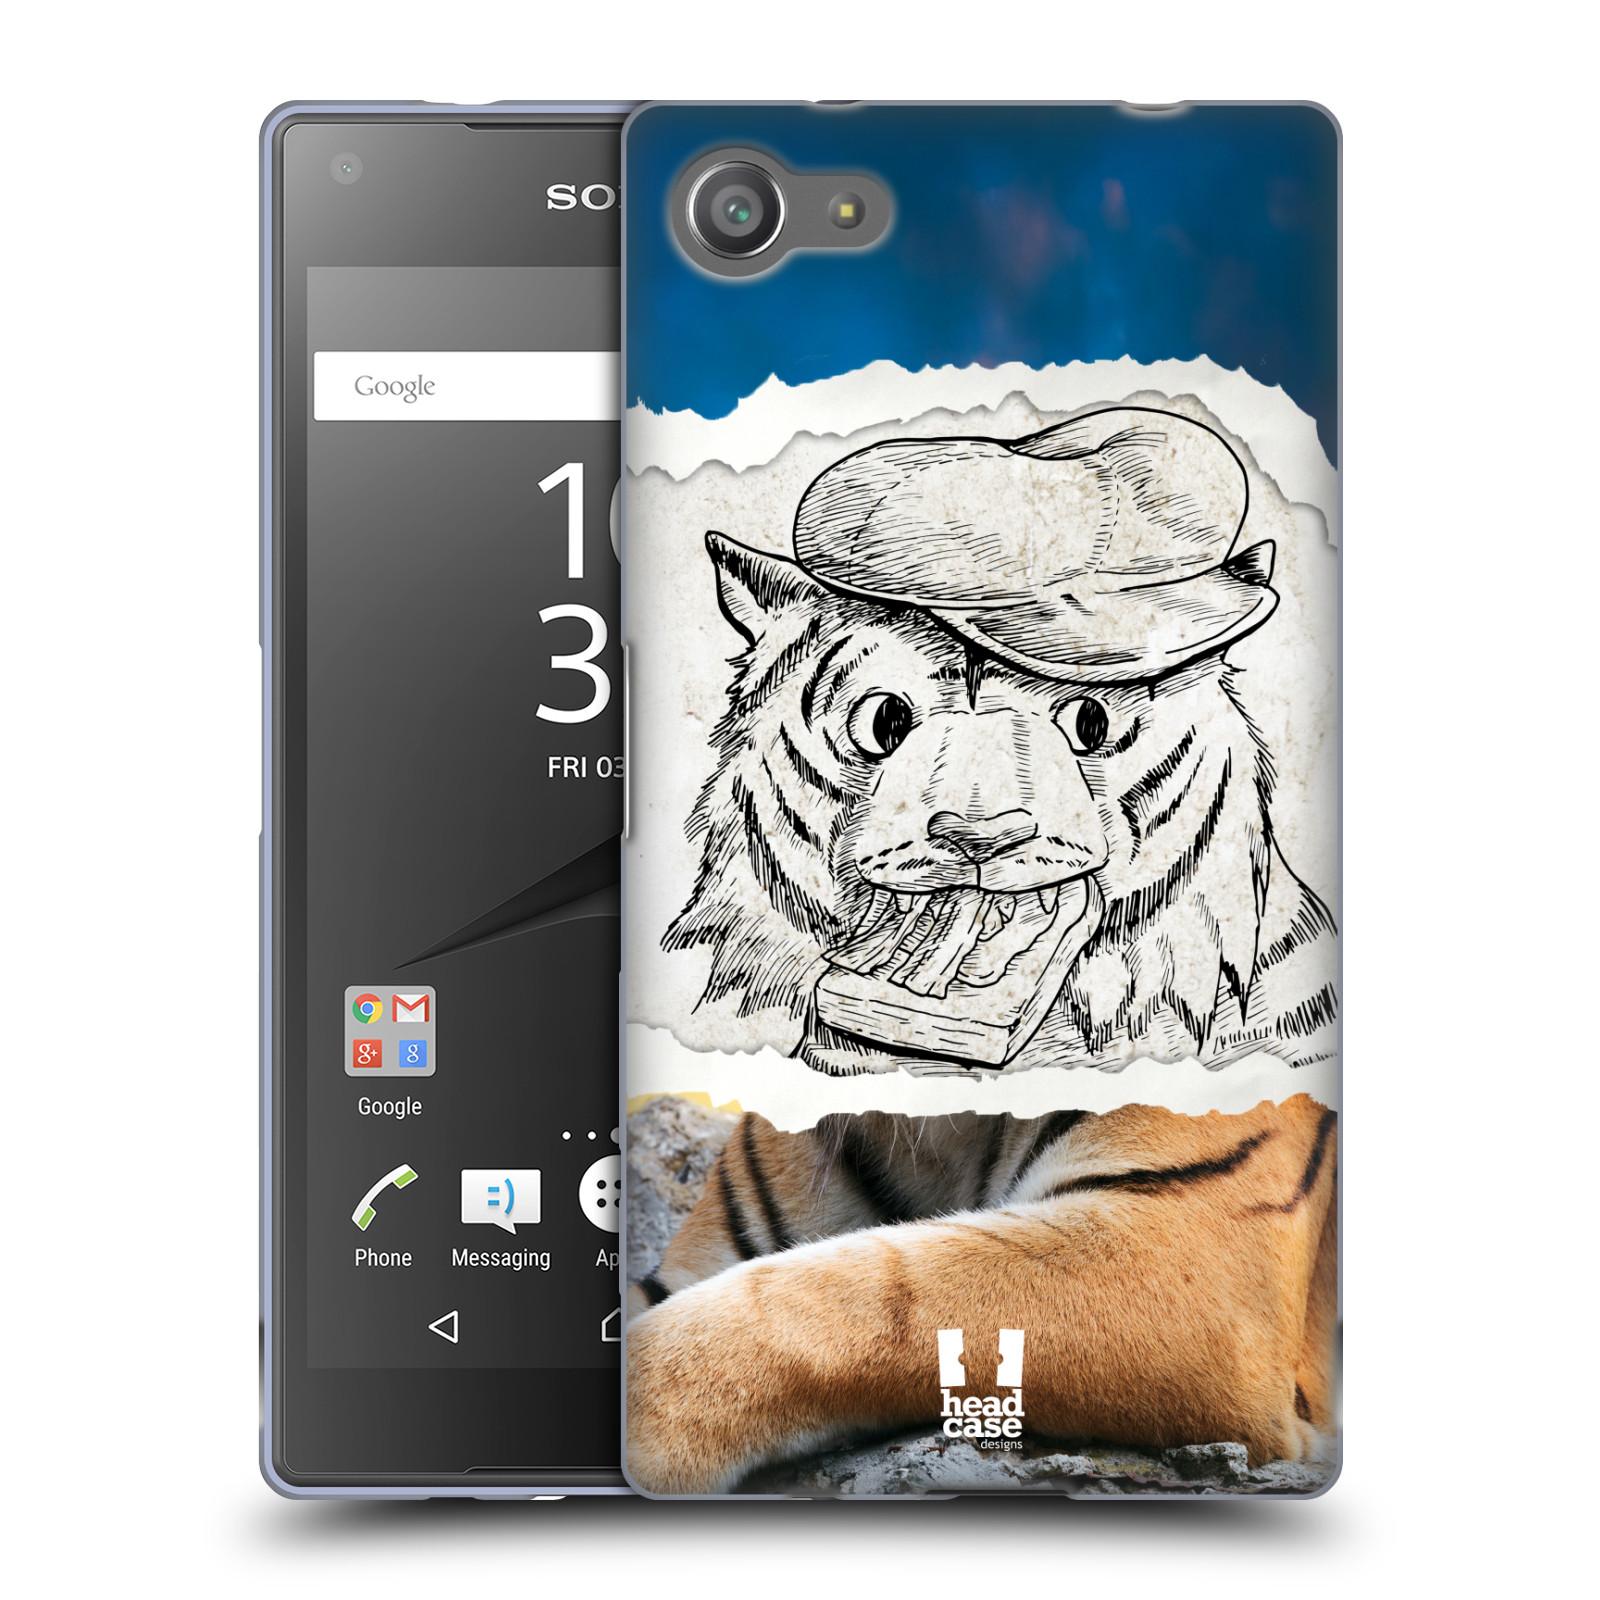 HEAD CASE silikonový obal na mobil Sony Xperia Z5 COMPACT vzor zvířata koláž tygr fešák